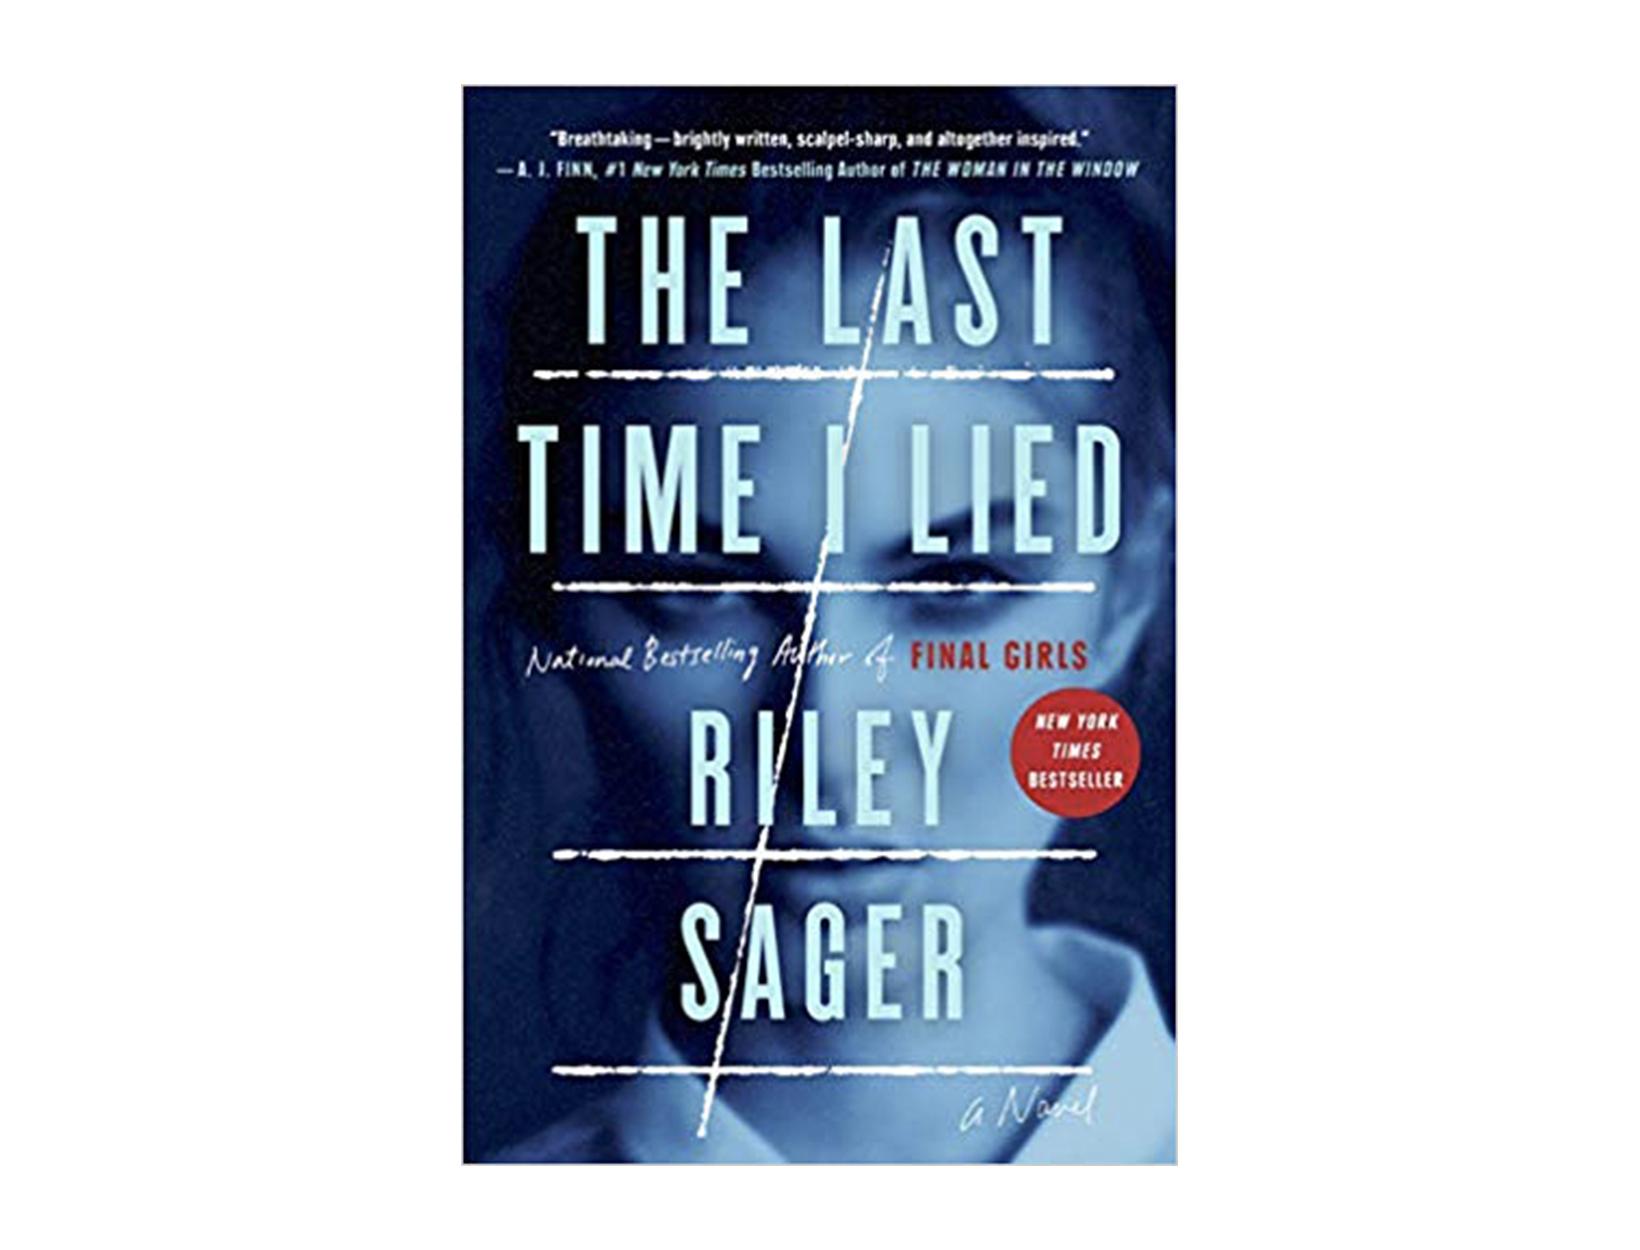 <em>The Last Time I Lied</em> by Riley Sager